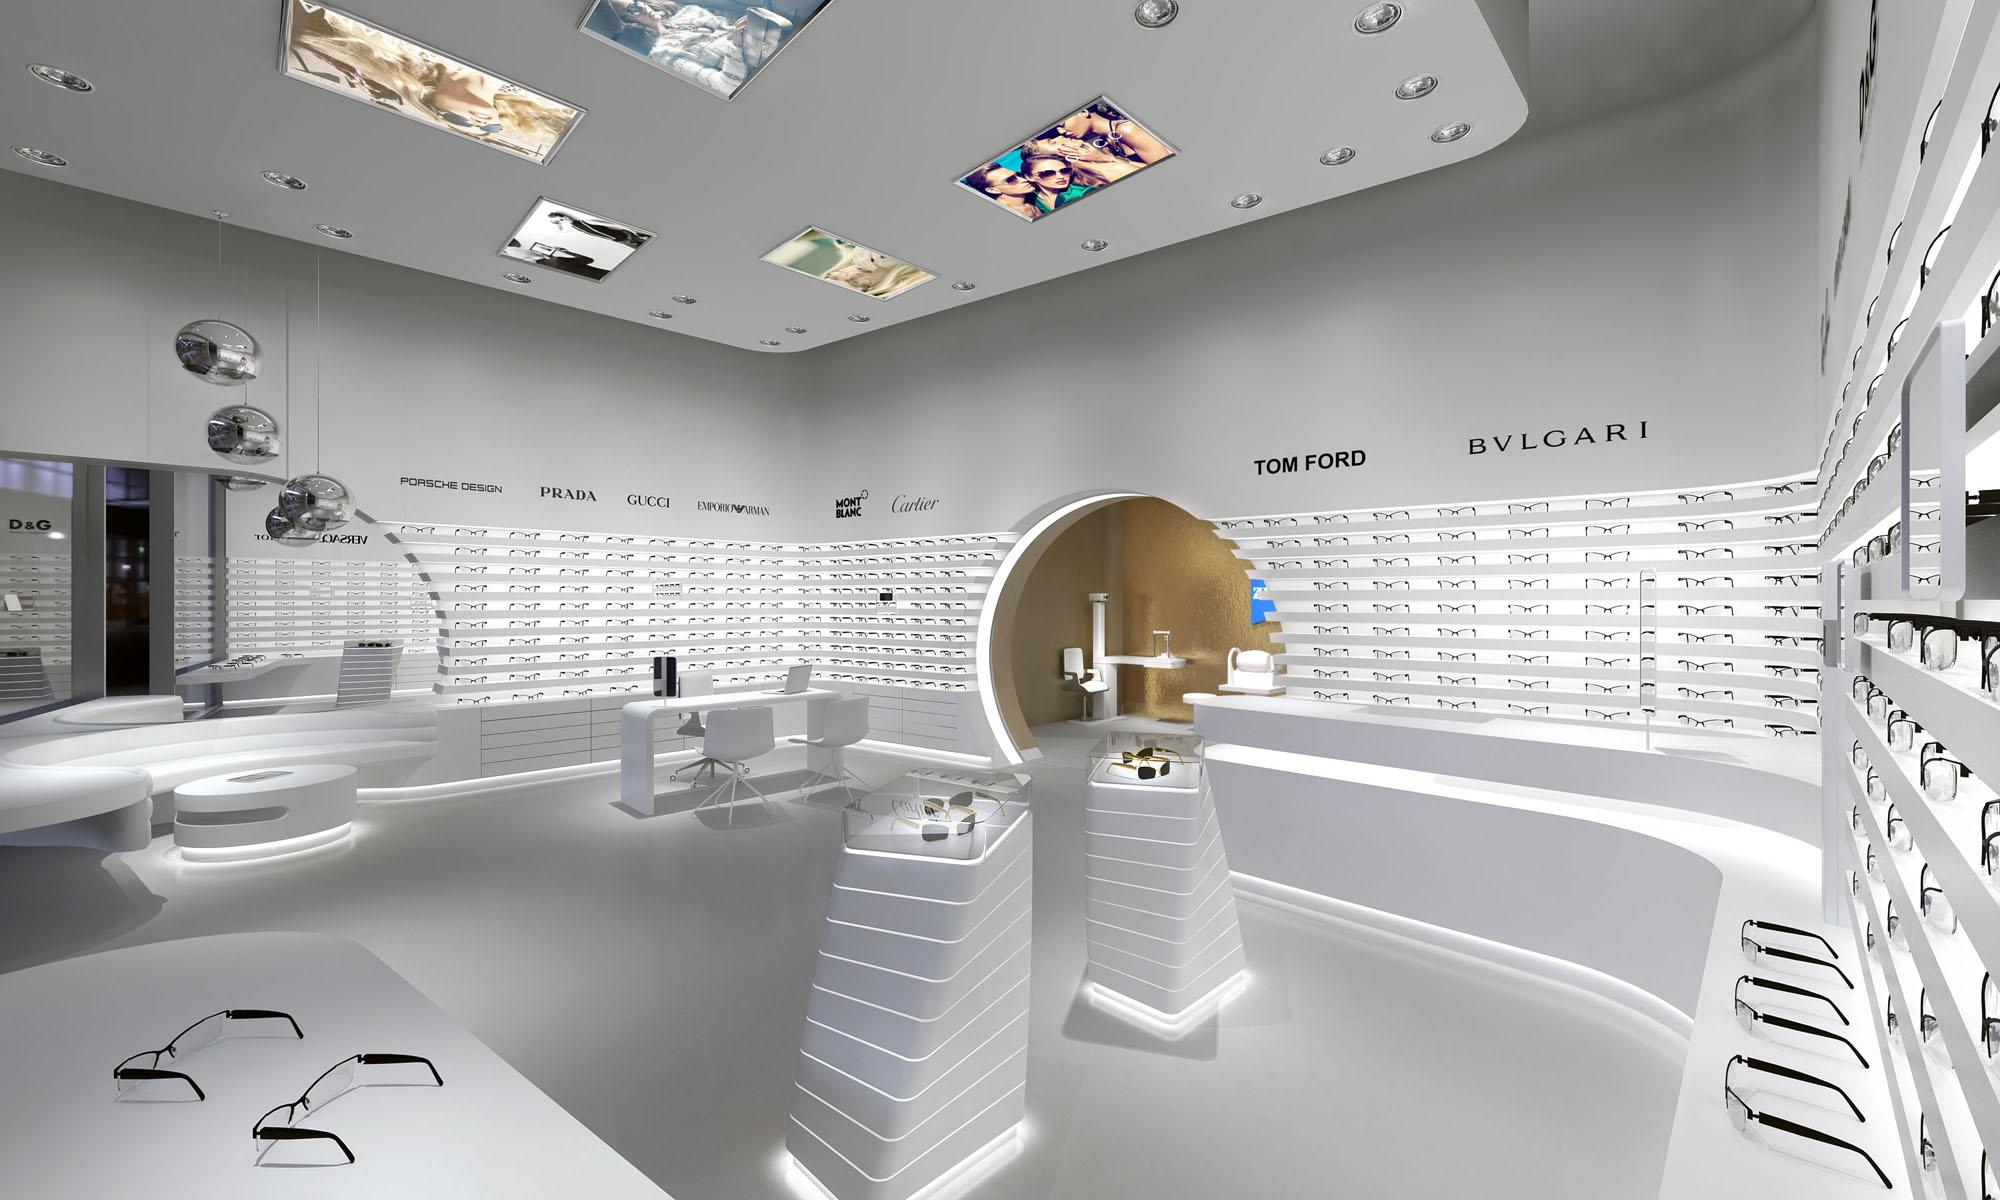 Rivoli Zeiss Store Al Whada Mall Dubai Uae Labor